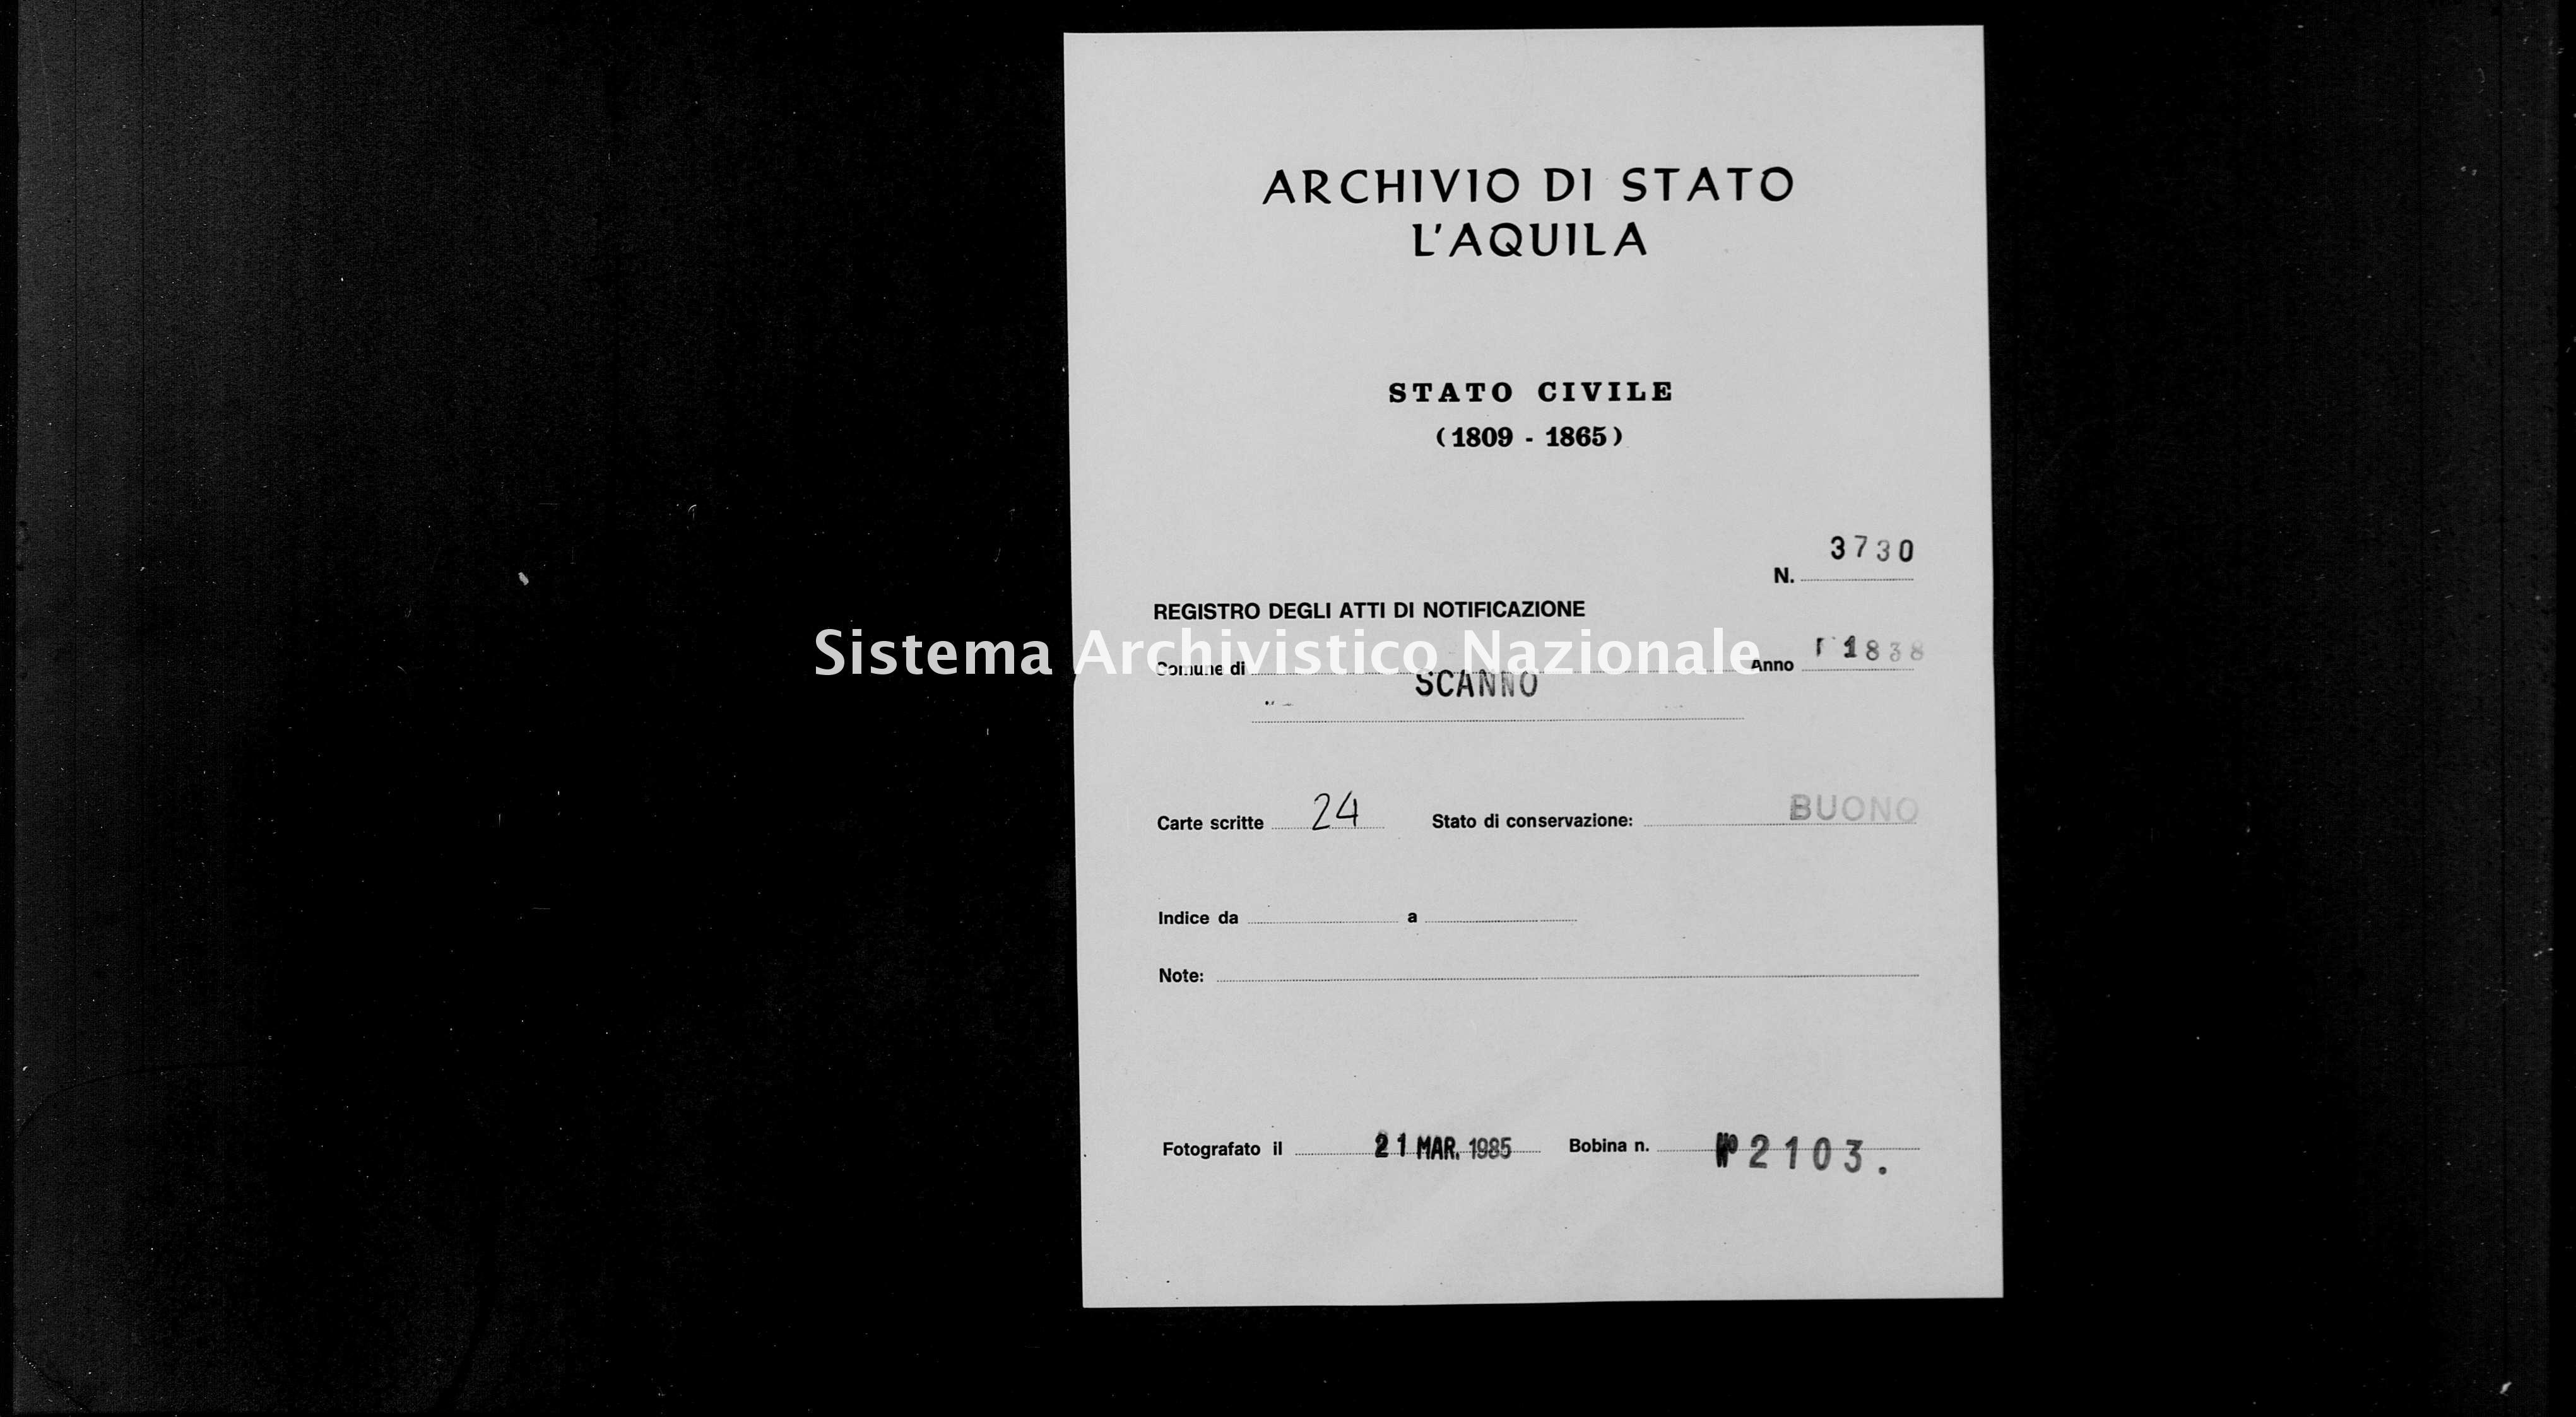 Archivio di stato di L'aquila - Stato civile della restaurazione - Scanno - Matrimoni, memorandum notificazioni ed opposizioni - 1838 - 3730 -